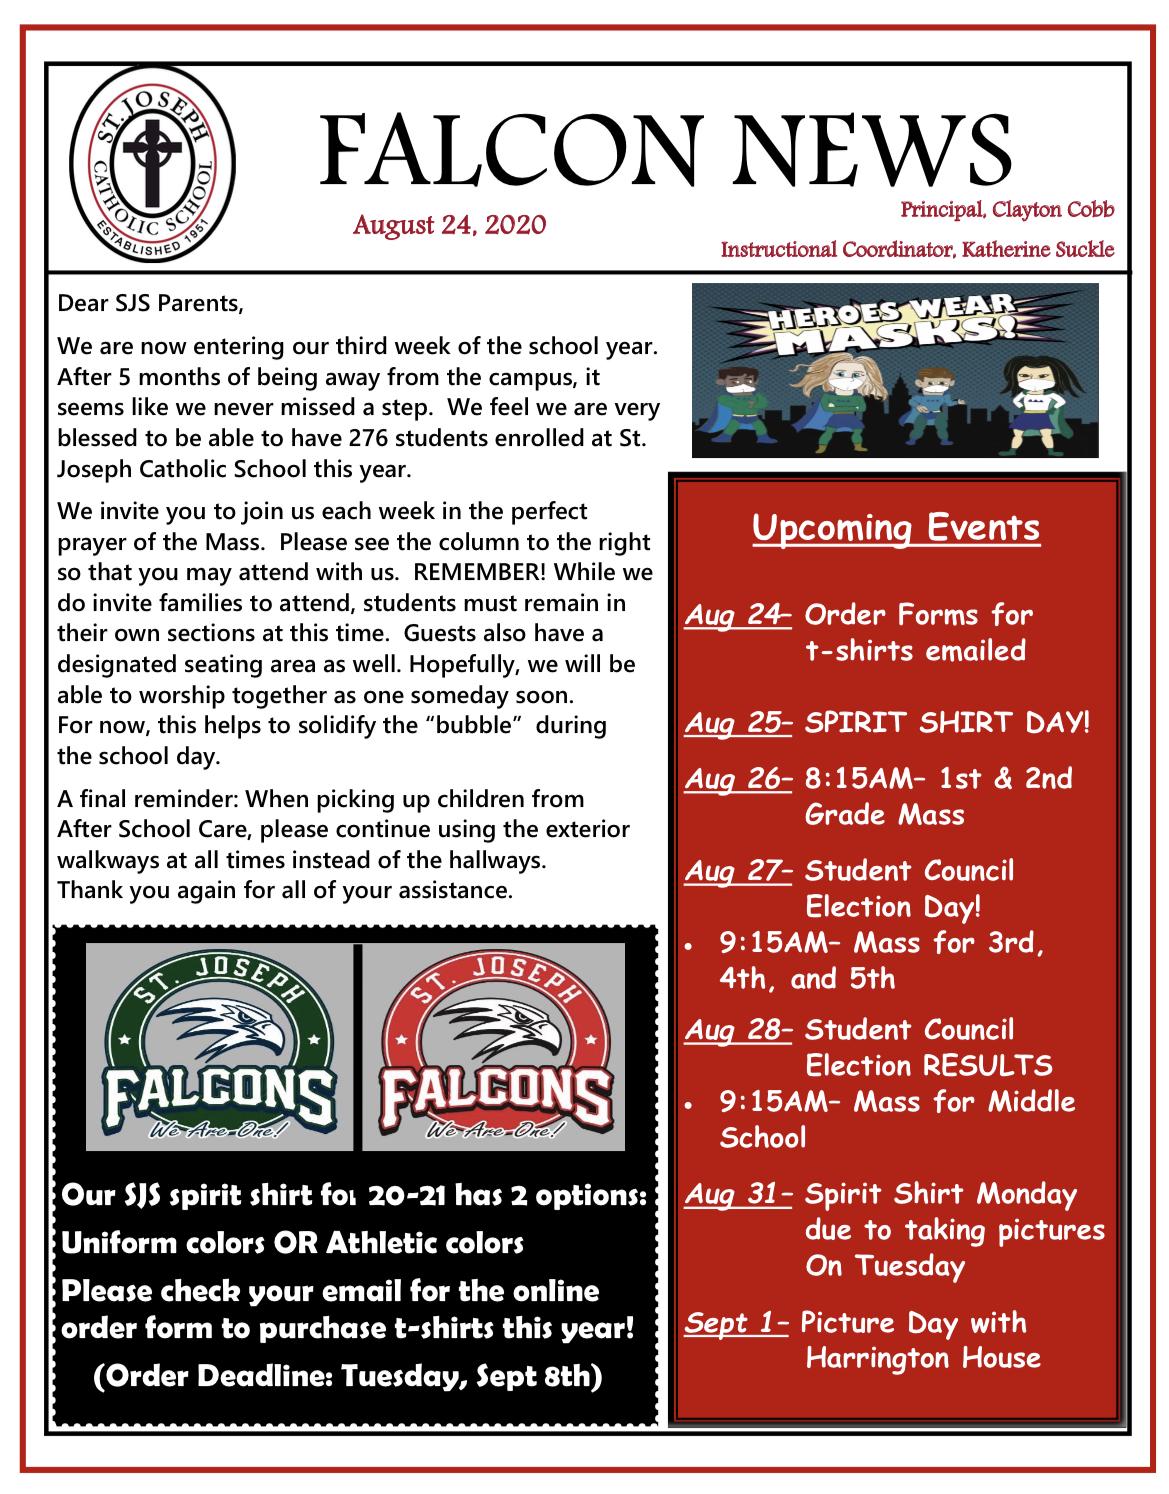 Falcon News 8/24/2020 pg 1